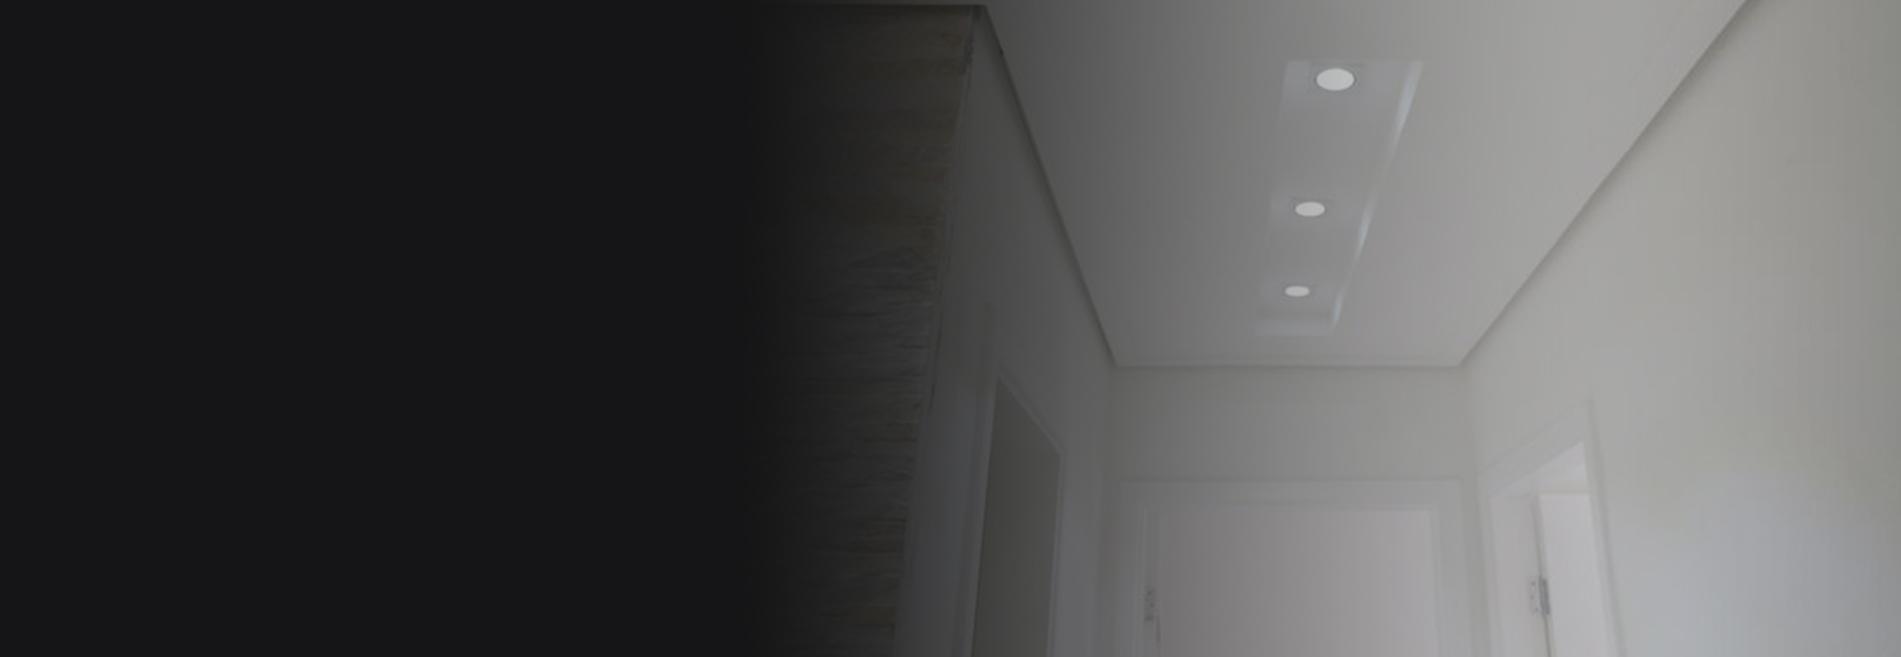 Banner da bfsor sobre forro de gesso em Sorocaba 1725x657 2018